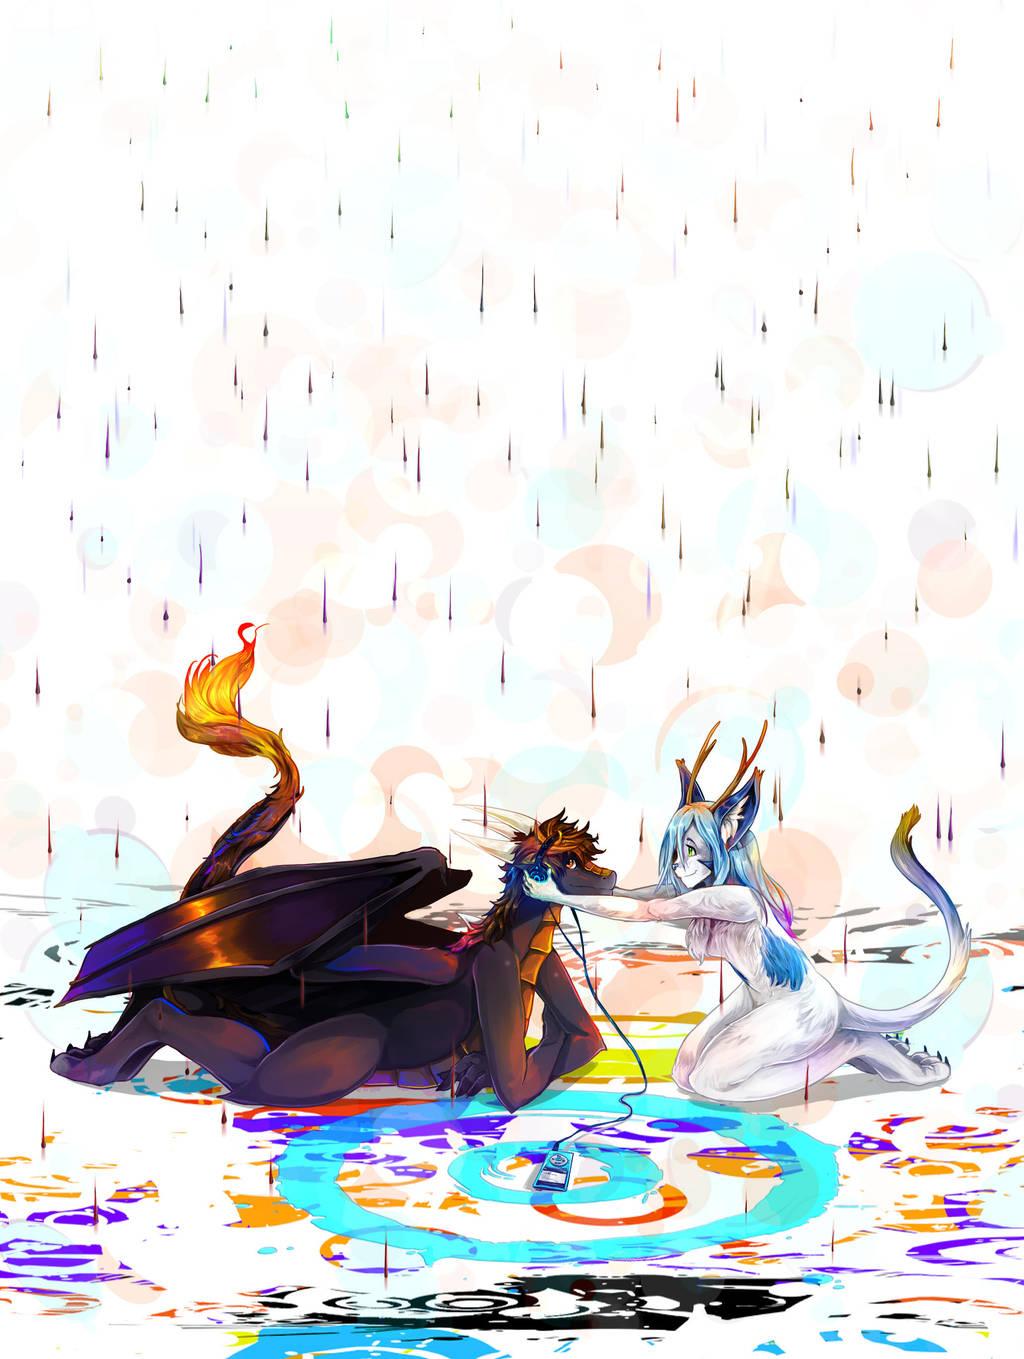 Raindrops by LohiAxel